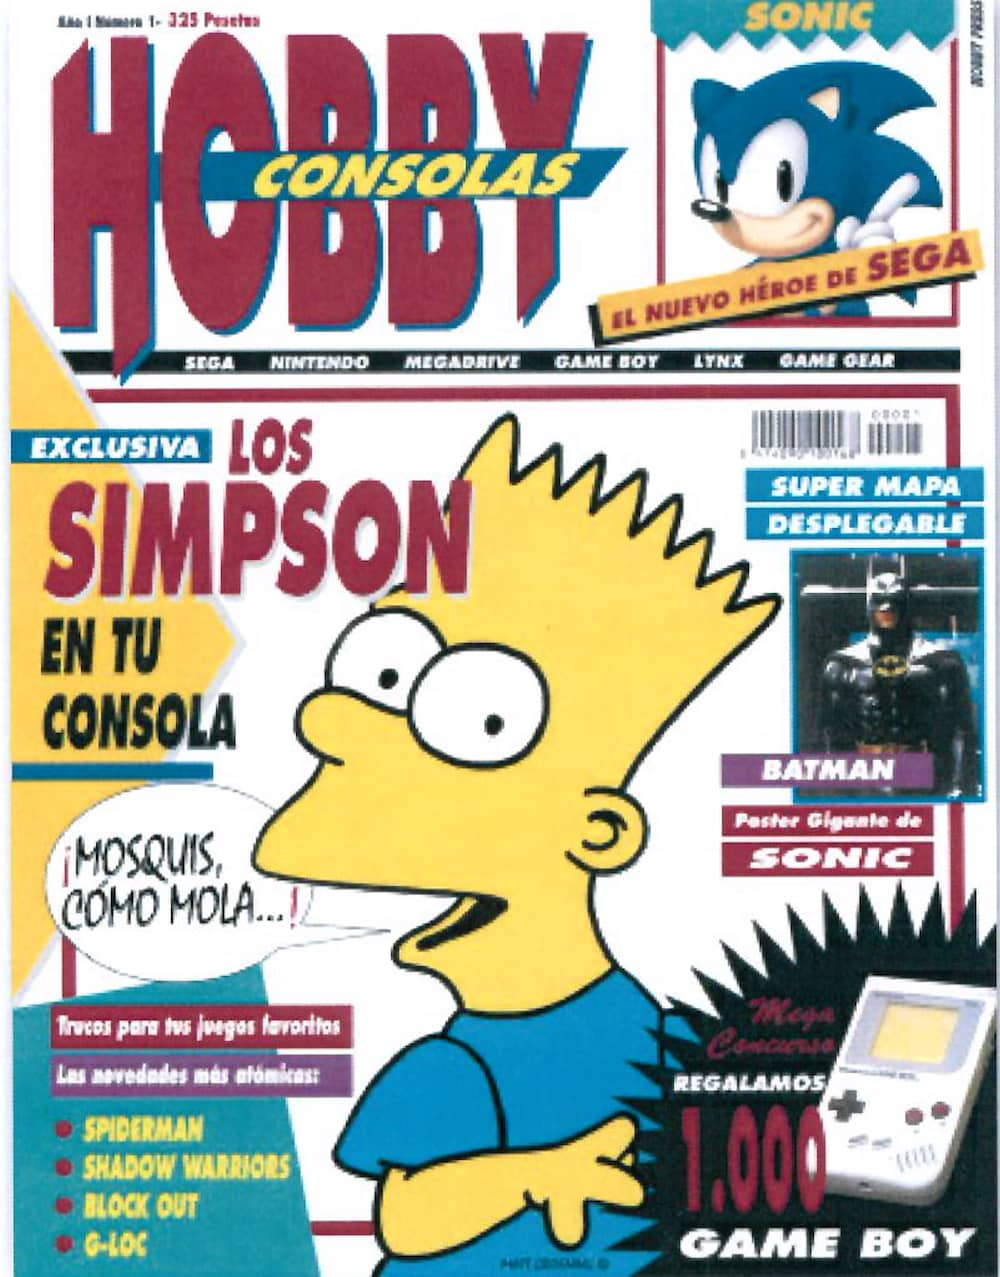 ¡MOSQUIS COMO MOLA! LA HISTORIA DE HOBBY CONSOLAS 1991-2001